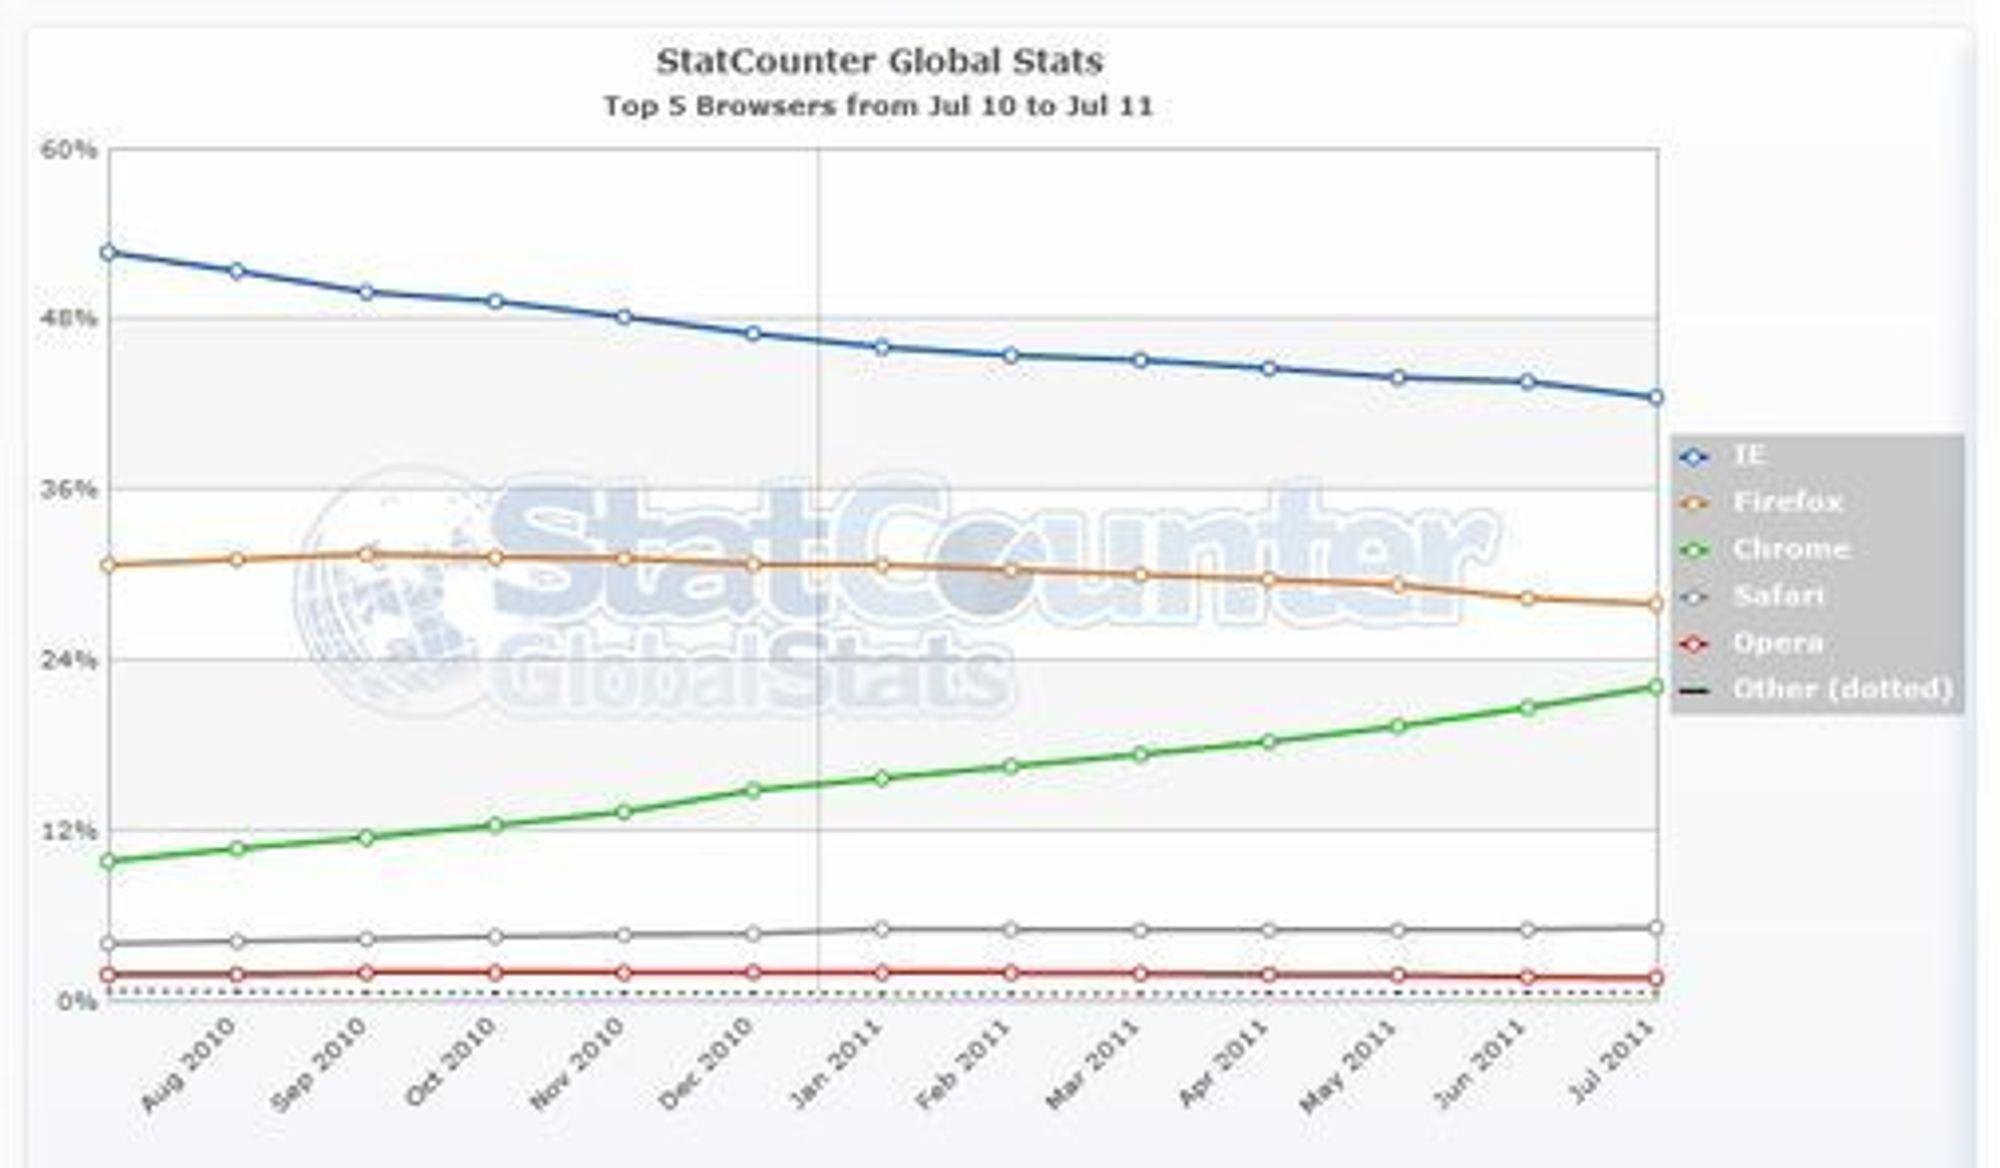 Endringer i den globale markedsandelen til de største nettlesere mellom juli 2010 og juli 2011, ifølge StatCounter.